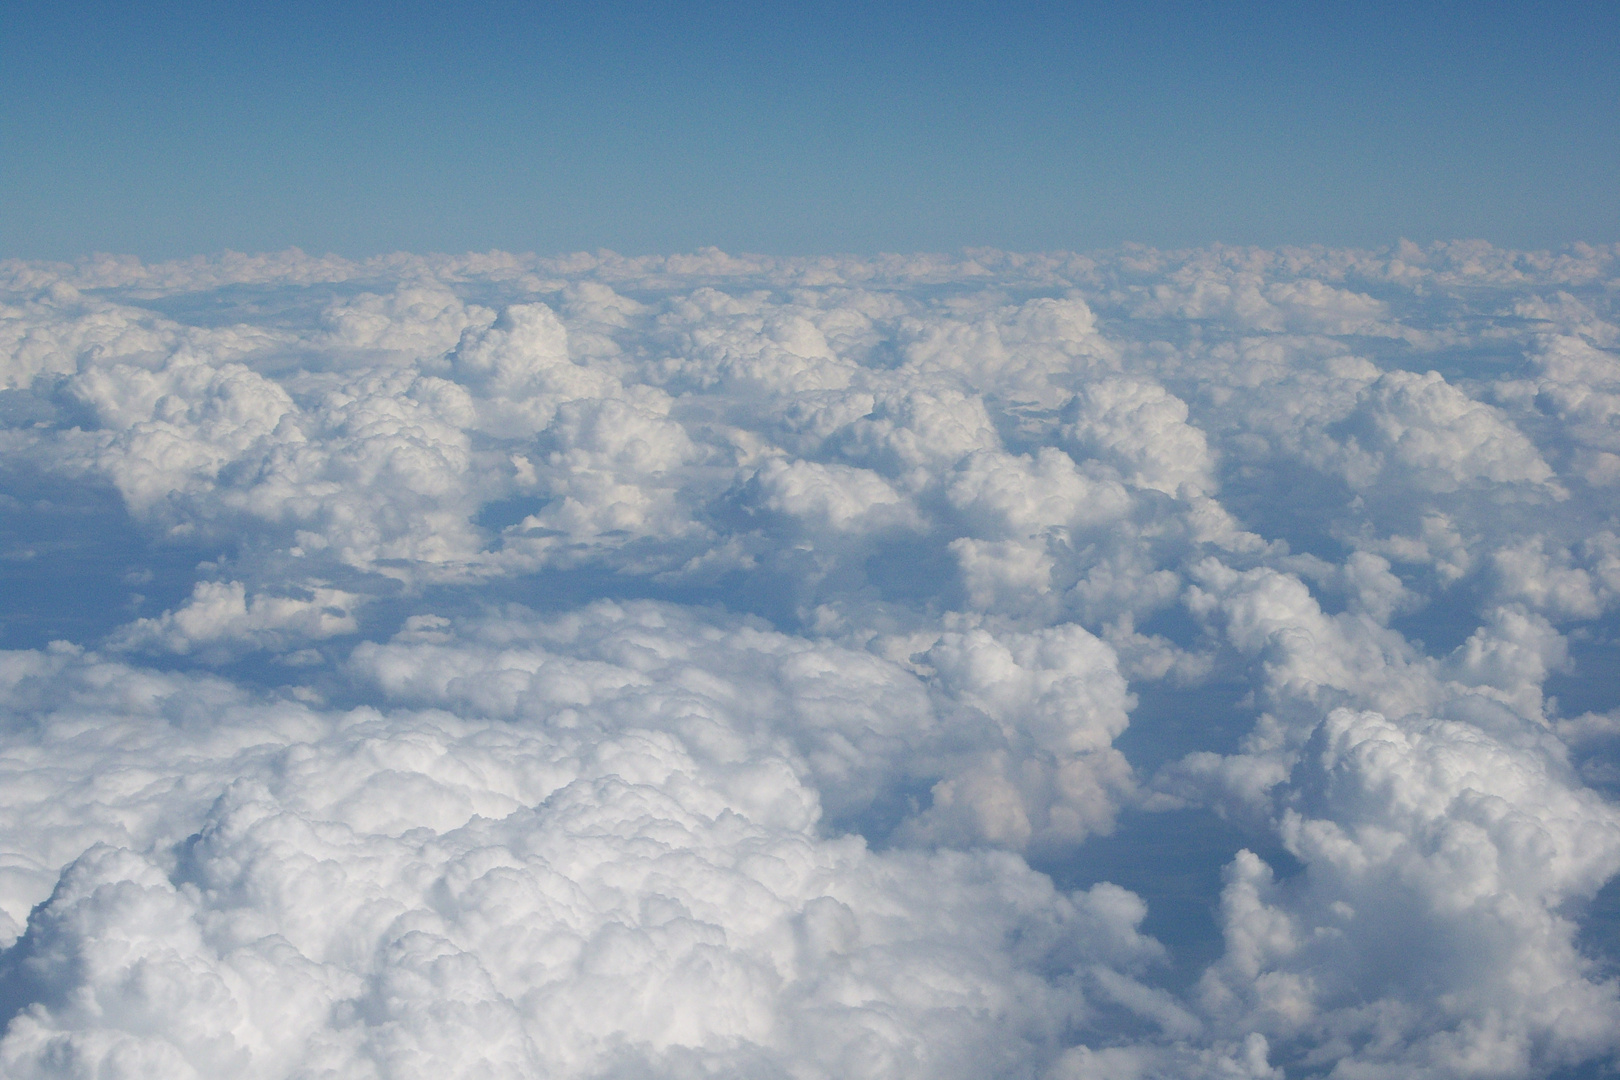 Entre Nubes. Espacio Aereo Venezolano cerca del Aeropuerto Internacional Simón Bolivar .